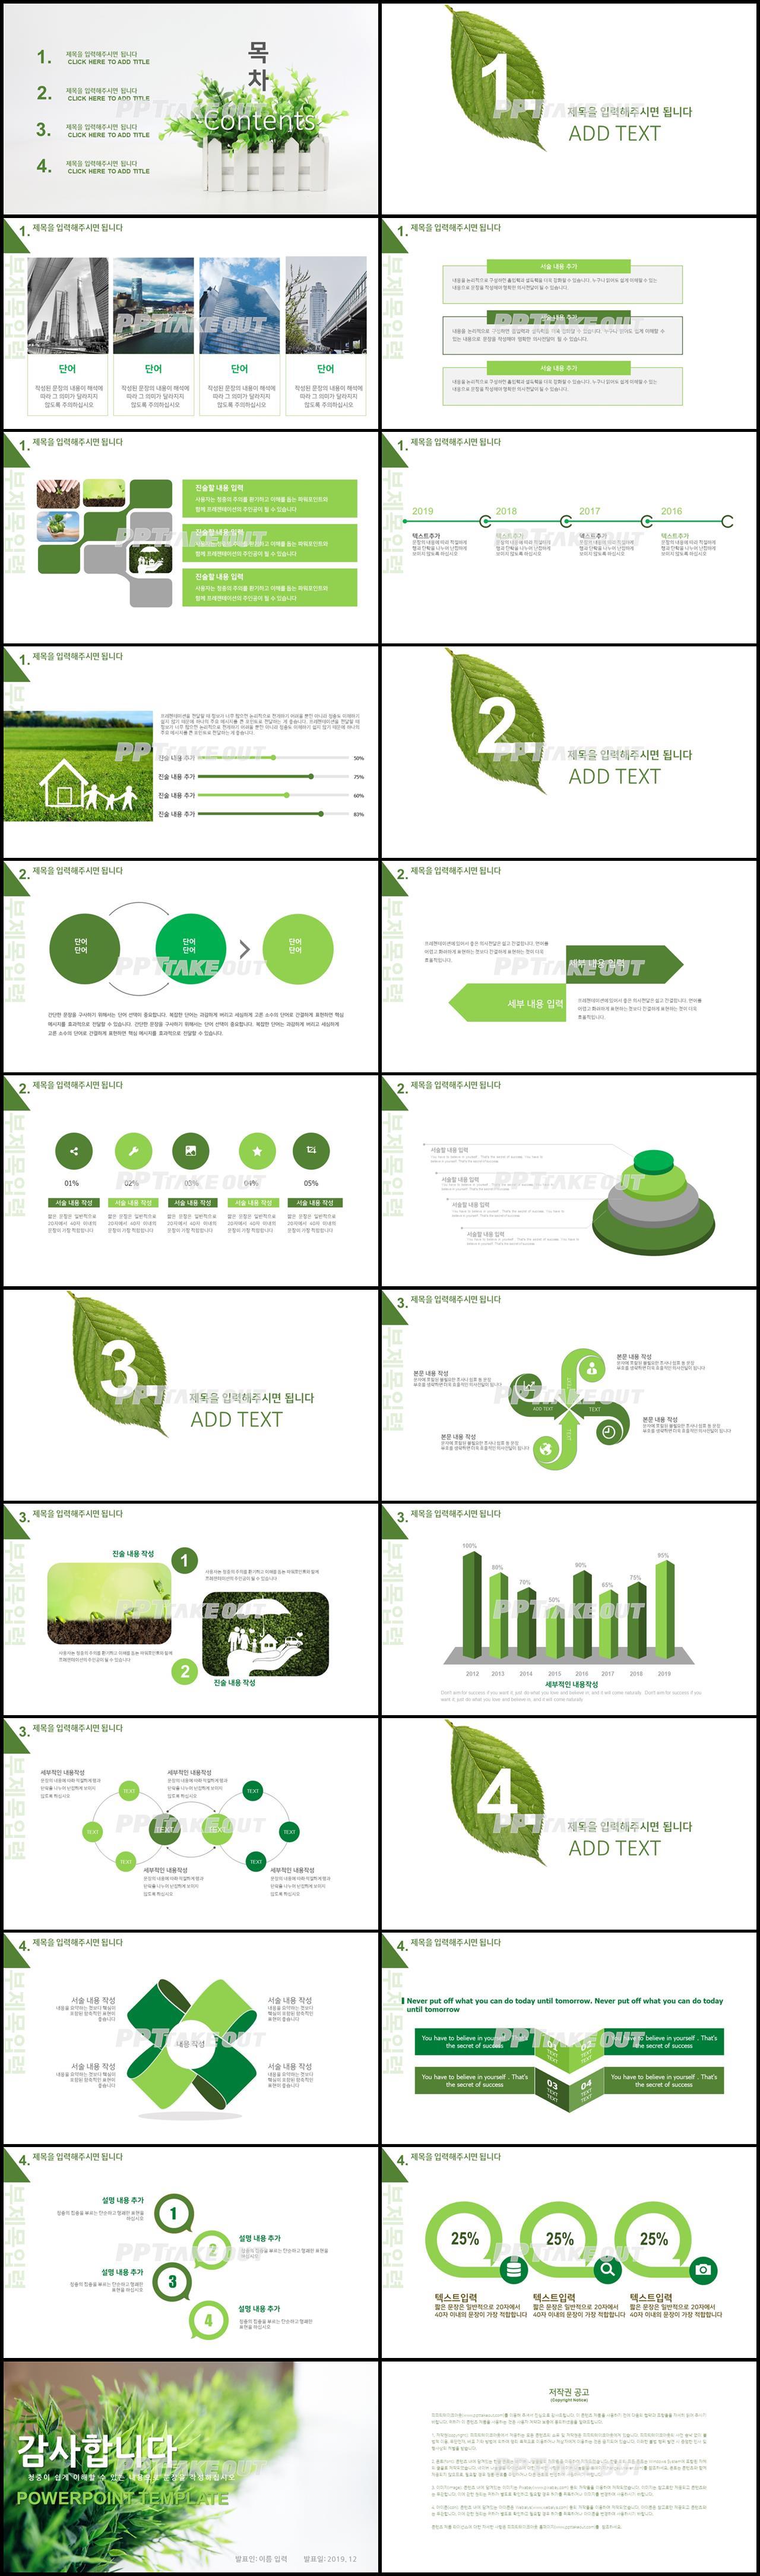 동식물, 애완동물 초록색 아담한 발표용 POWERPOINT배경 다운 상세보기